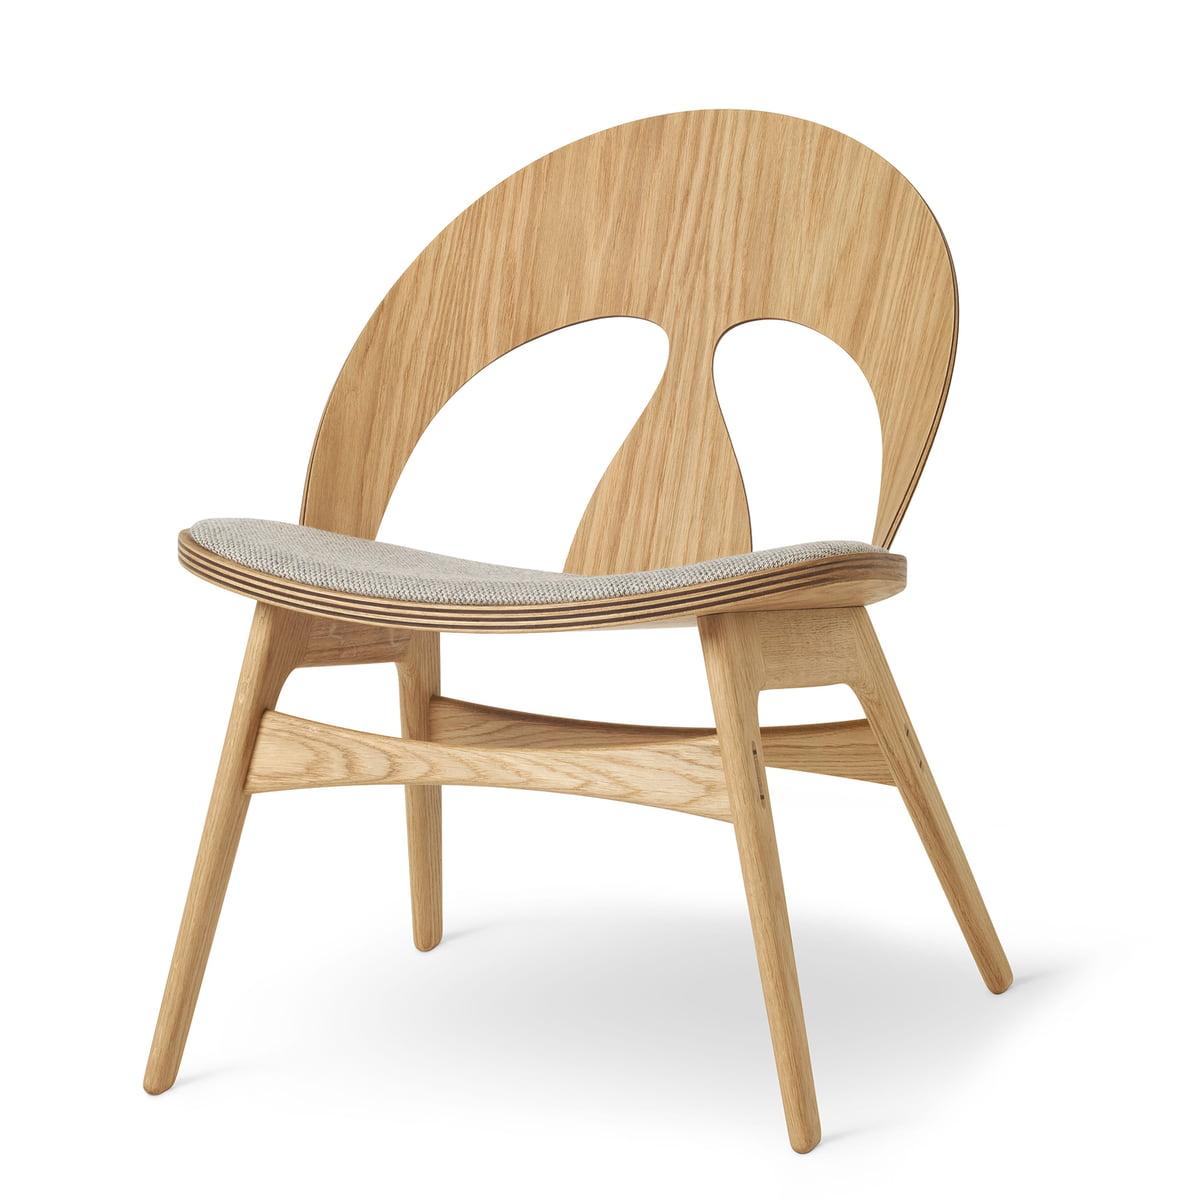 Stupendous Carl Hansen Bm0949P Contour Chair Oak Oiled Kvadrat Molly 2 116 Creativecarmelina Interior Chair Design Creativecarmelinacom